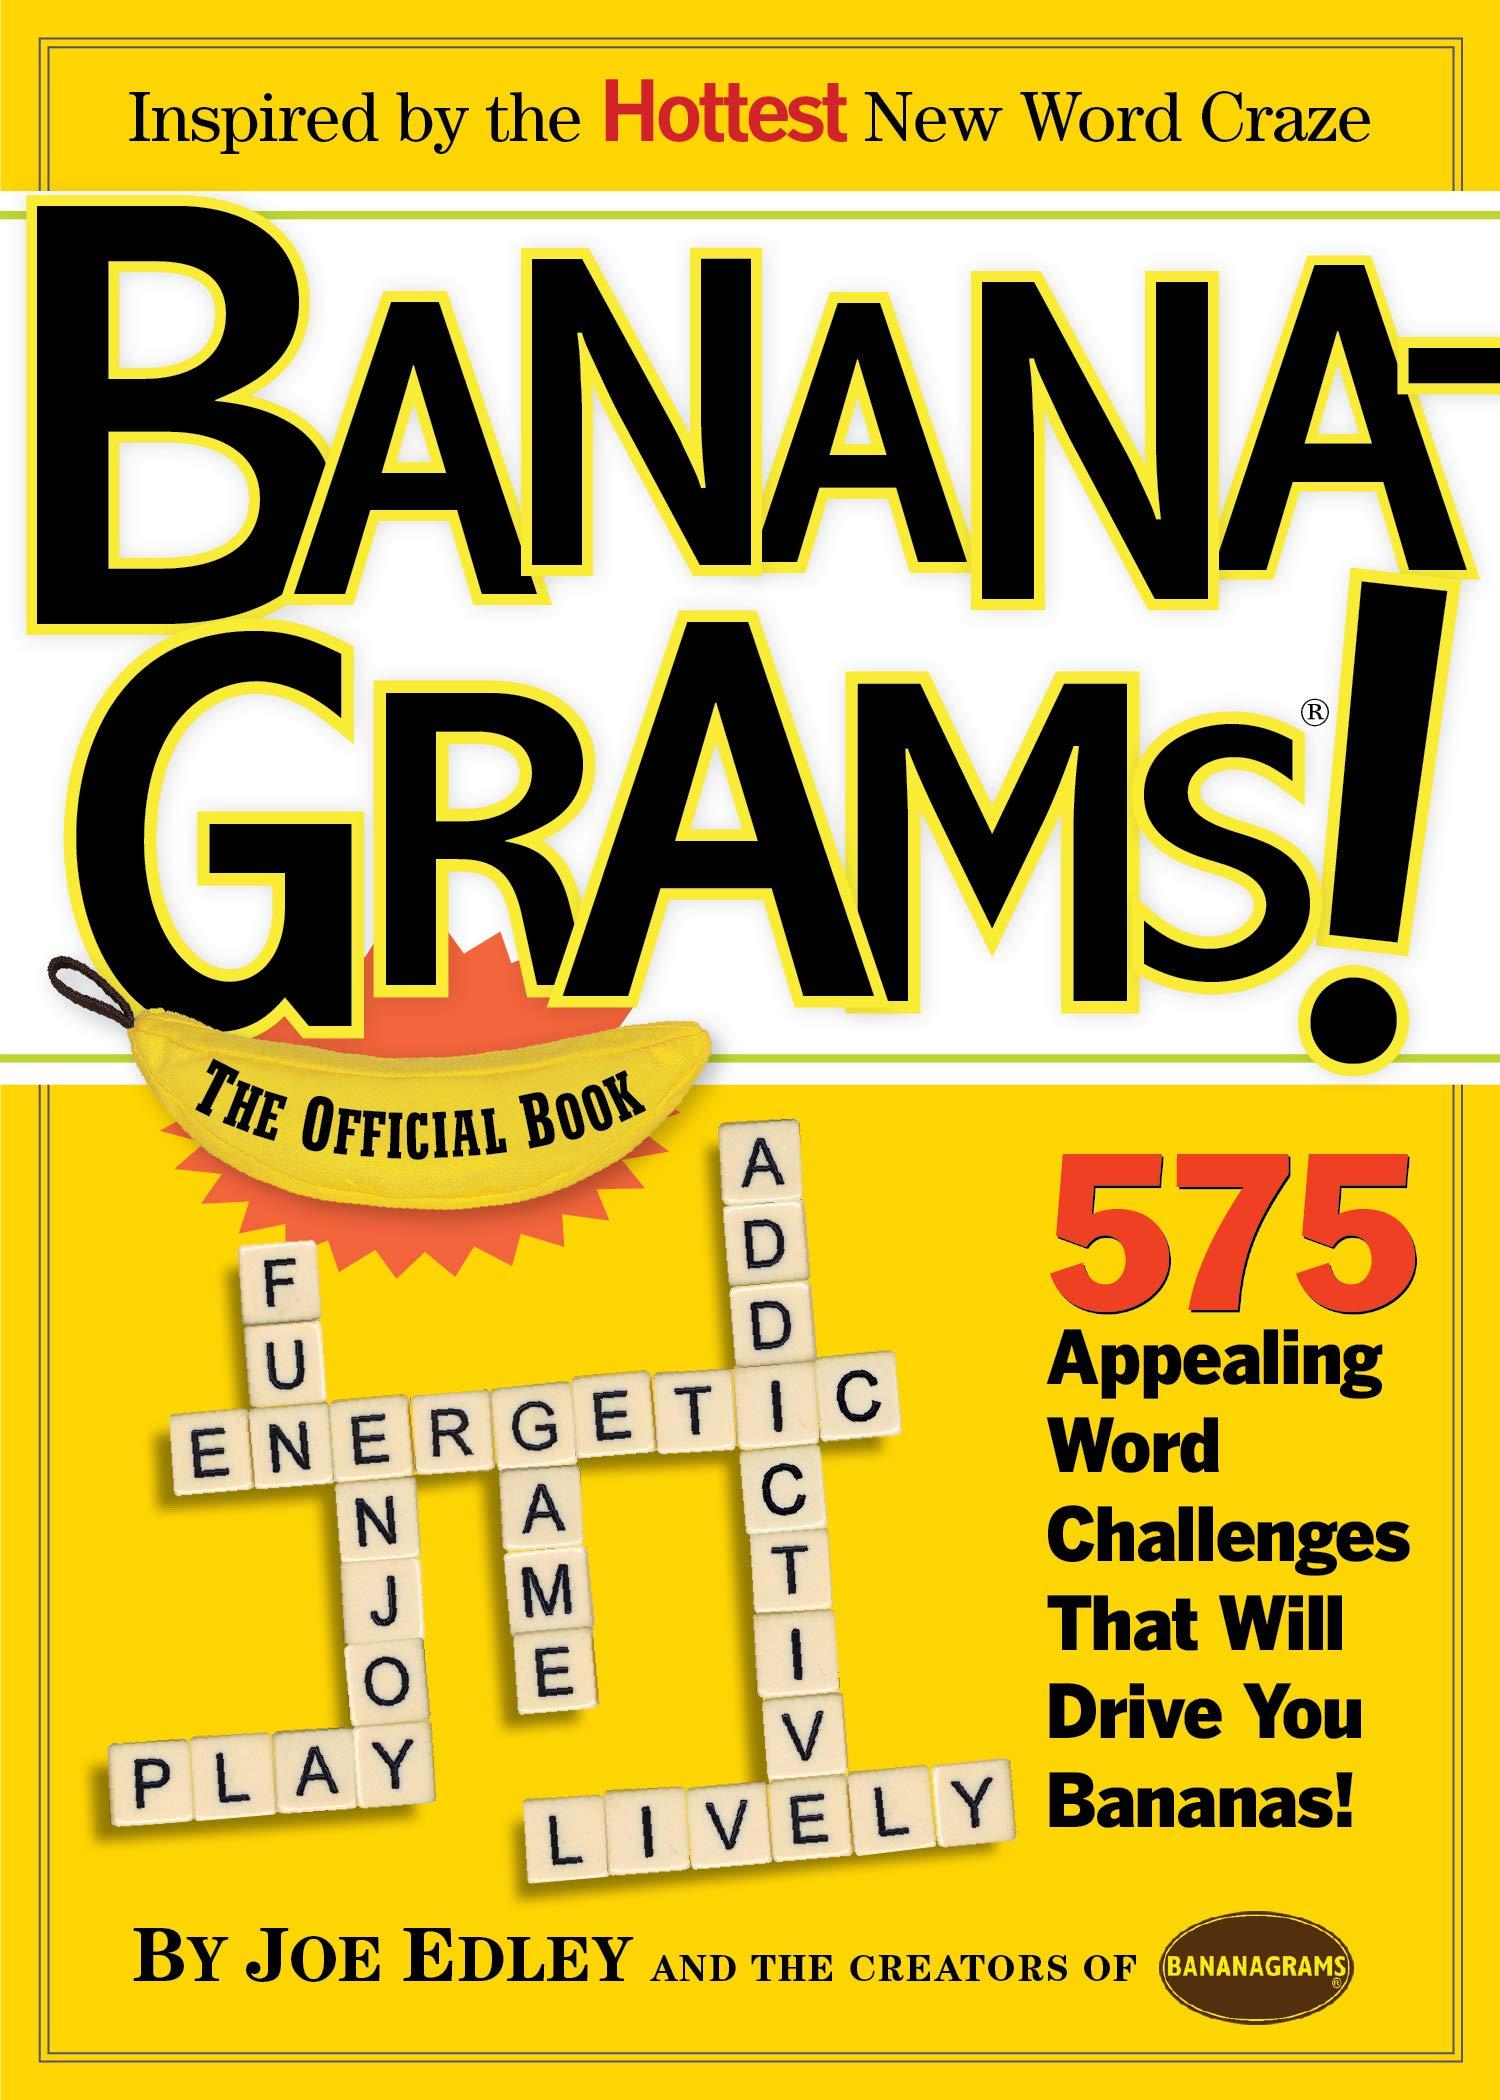 Bananagrams!: The Official Book: Amazon.es: Nathanson, Abe, Nathanson, Rena: Libros en idiomas extranjeros